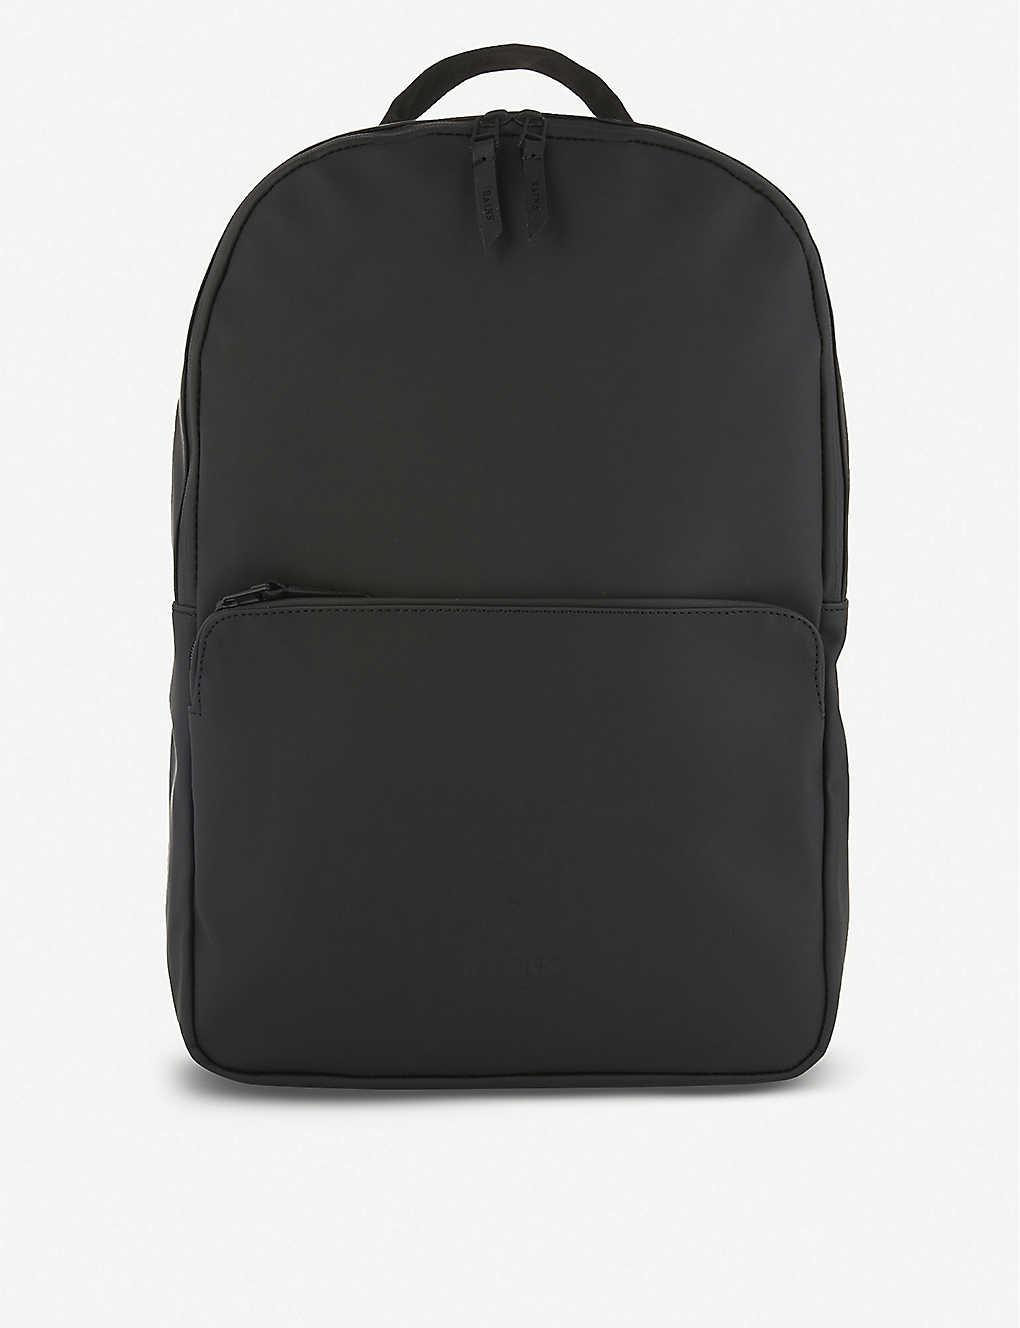 85332fb56 Rains Waterproof Field Backpack In Black- Fenix Toulouse Handball